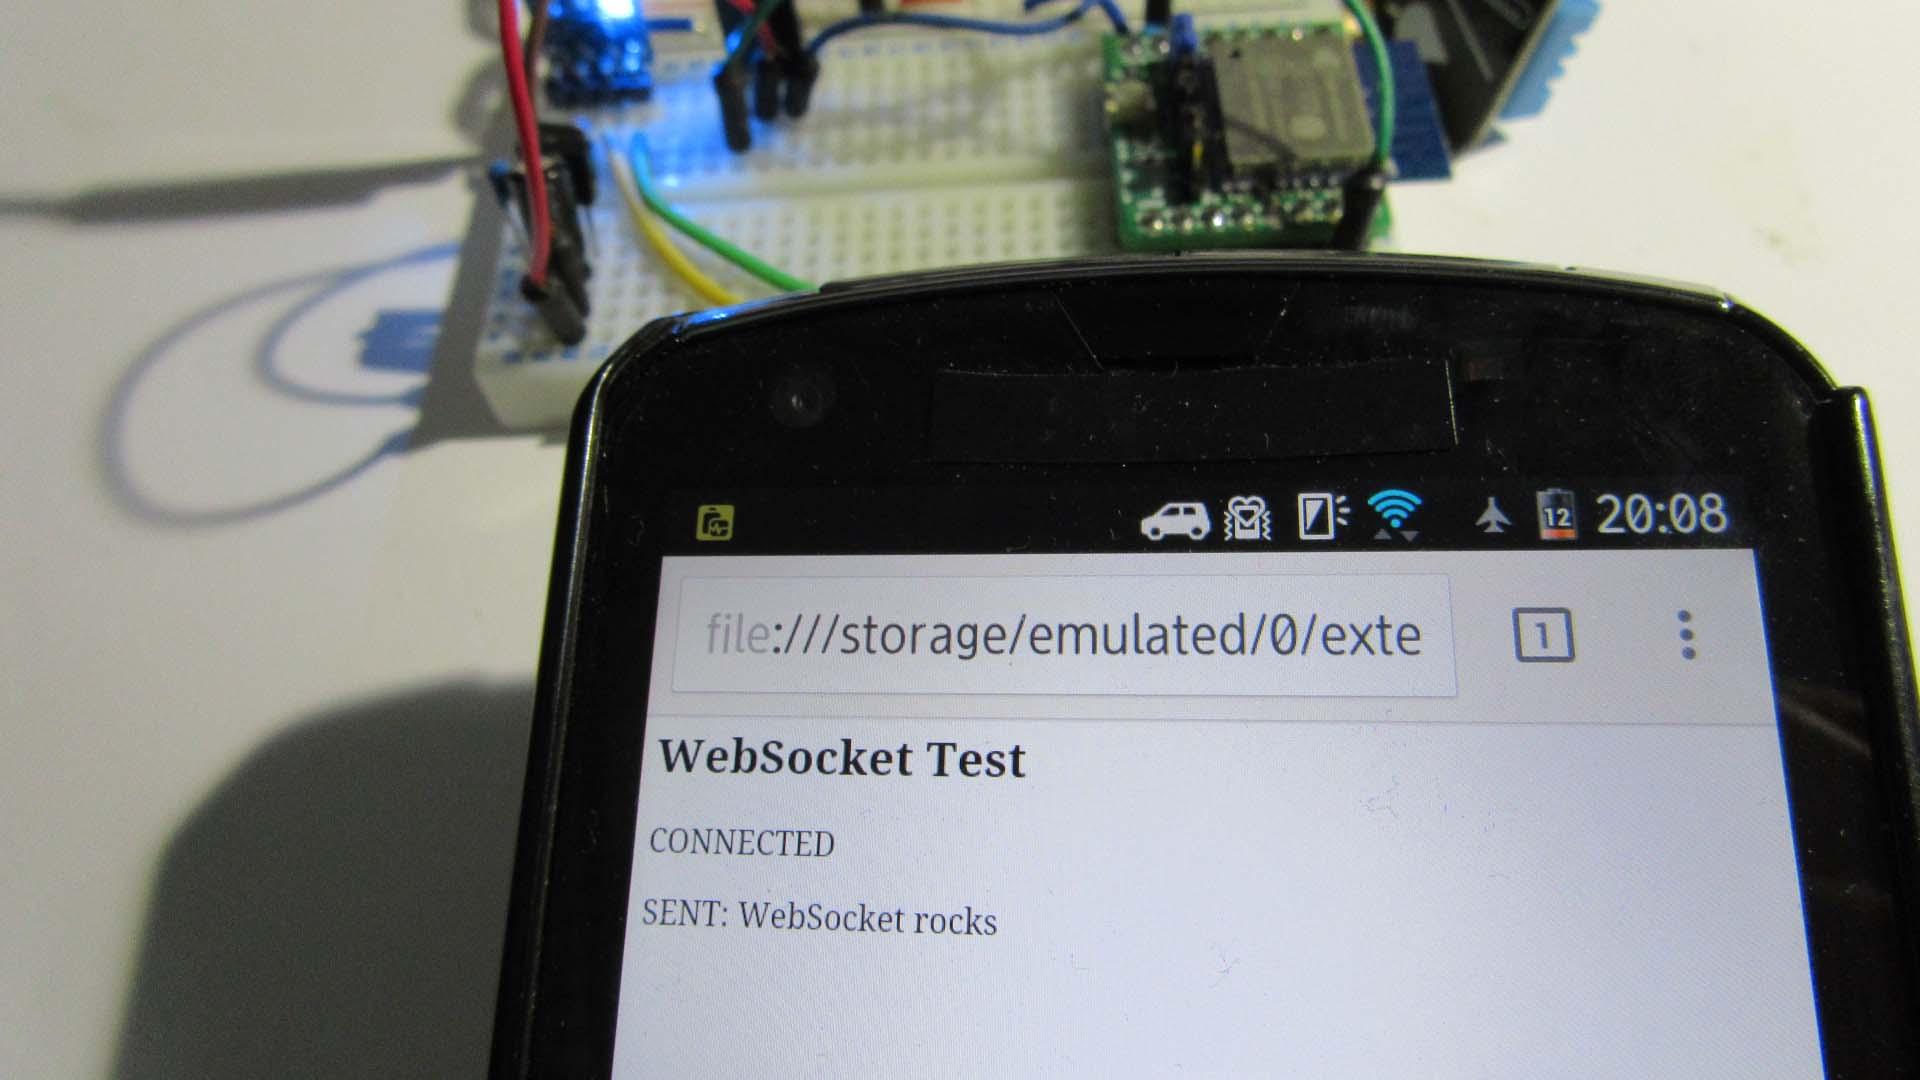 WROOM で WebSocket ハンドシェイク までこぎ着けましたが、